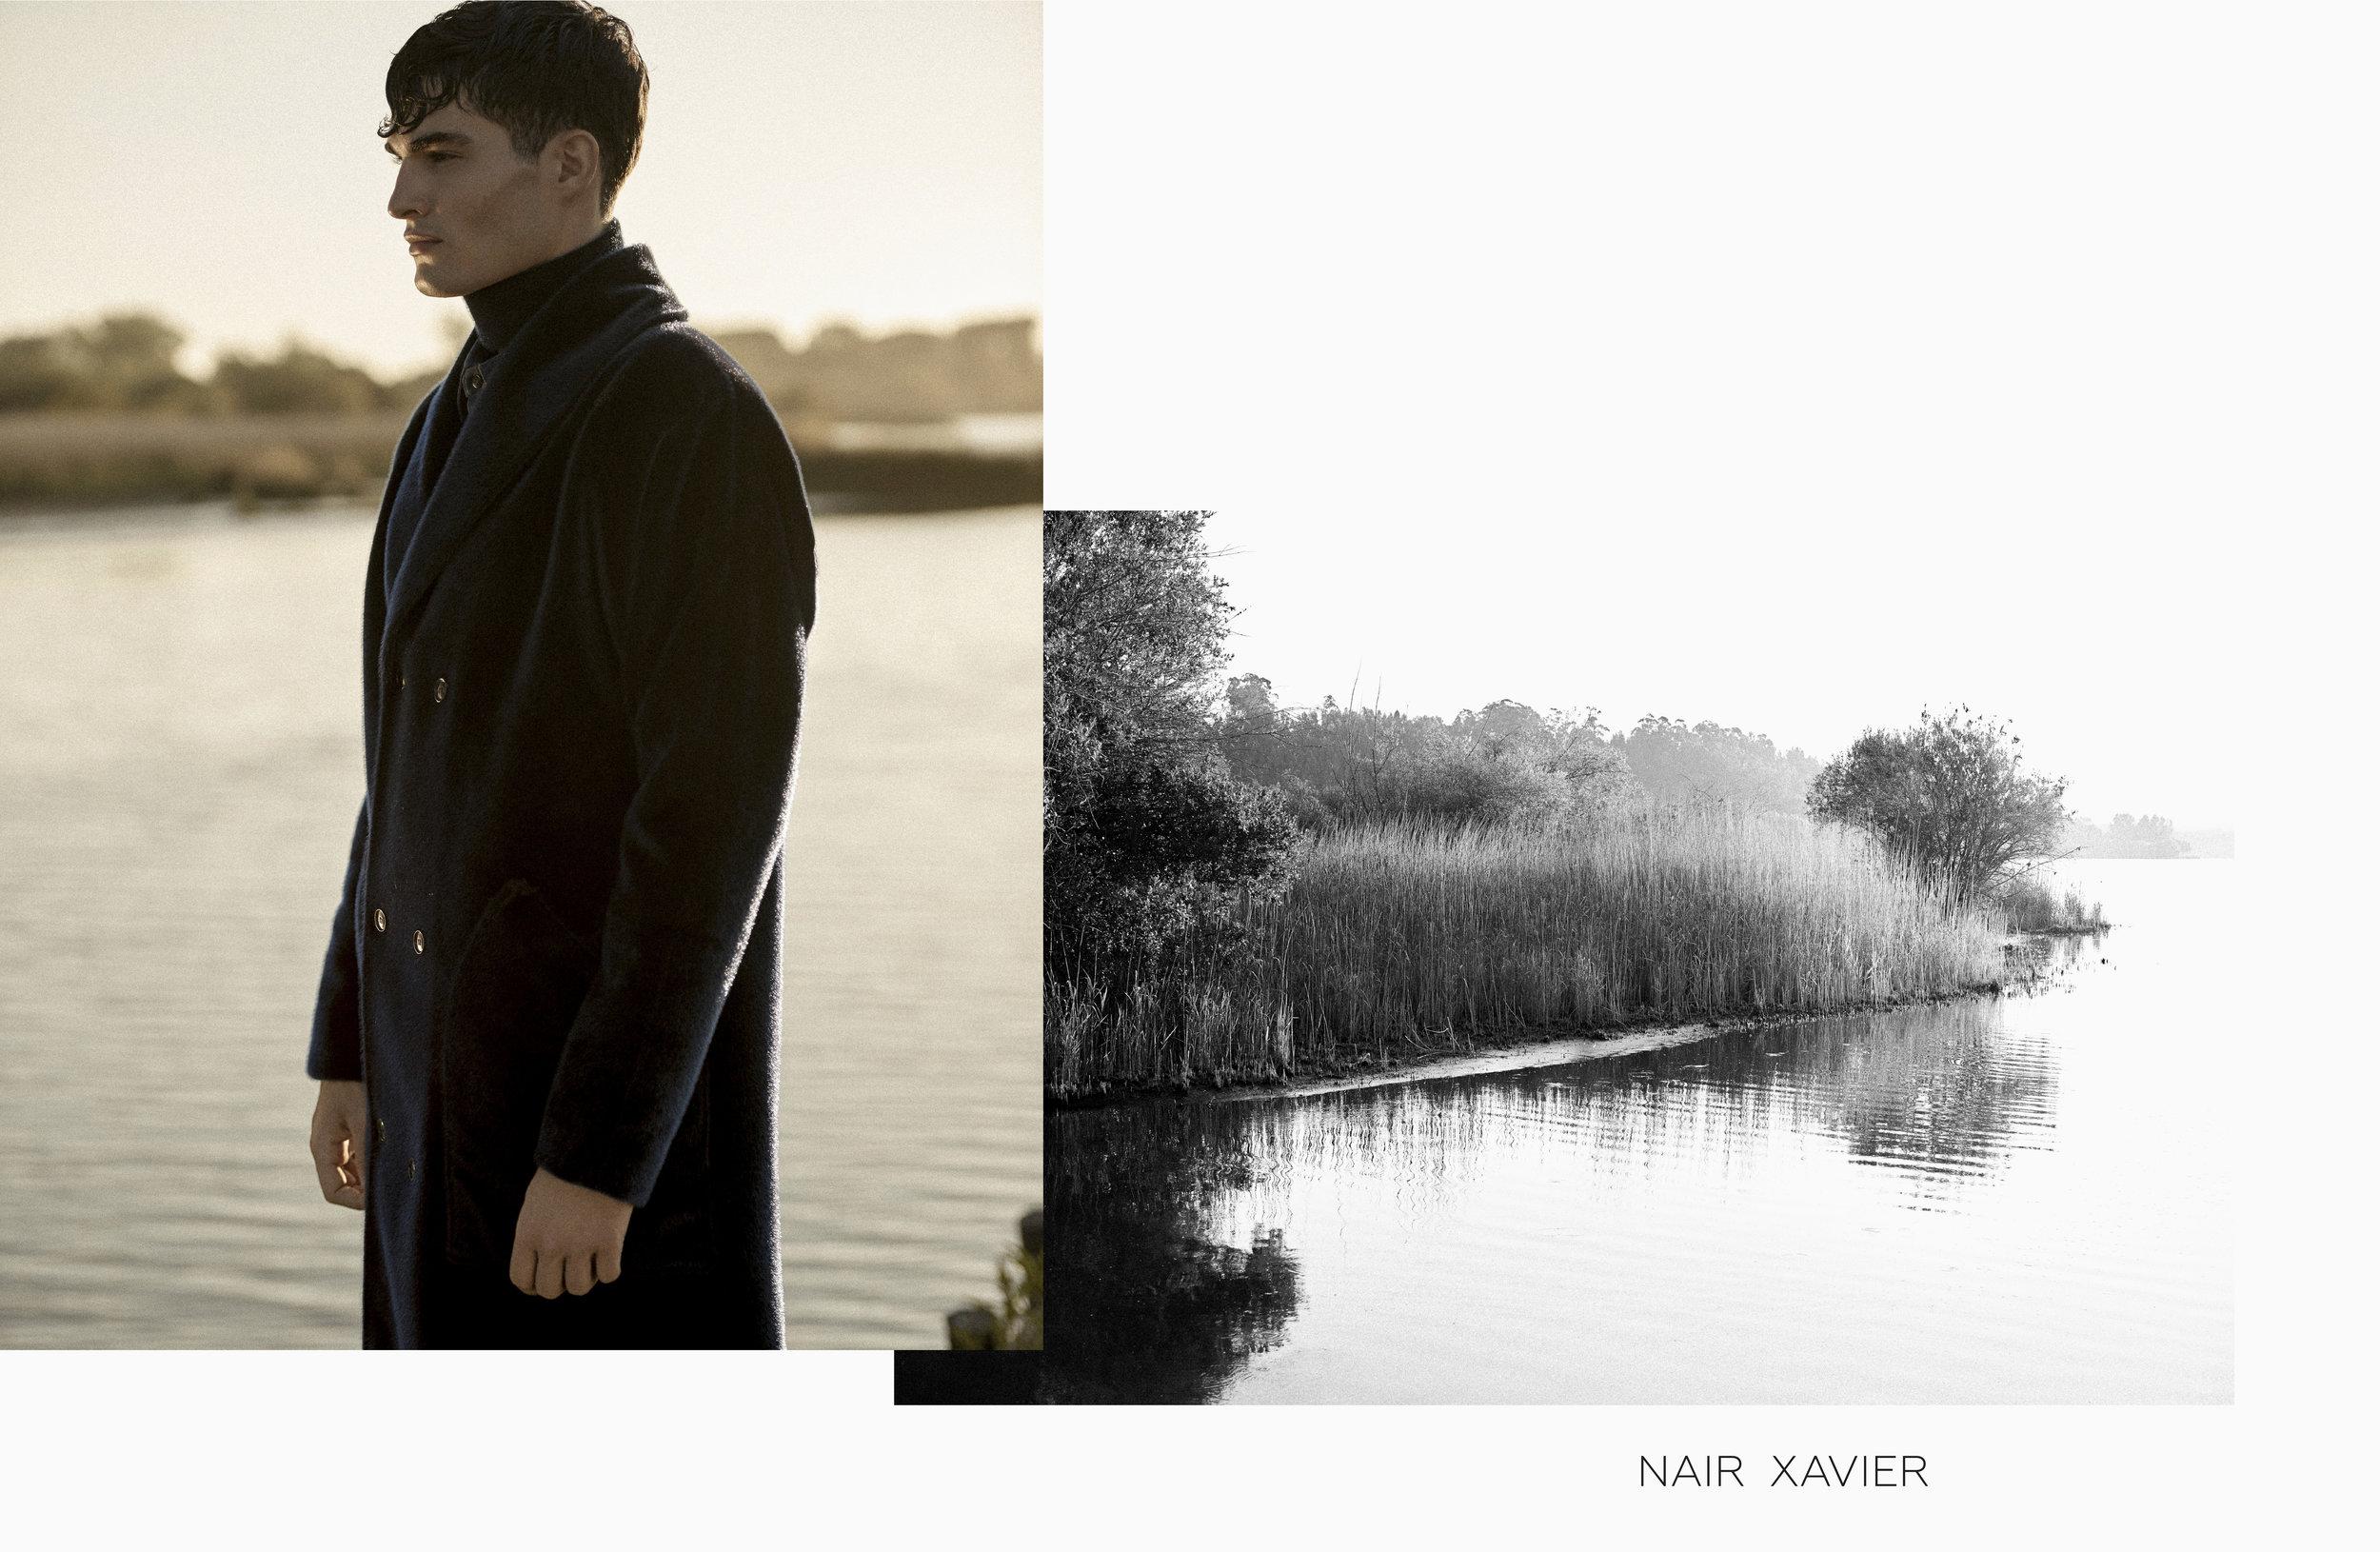 nairxavier layout 8'.jpg